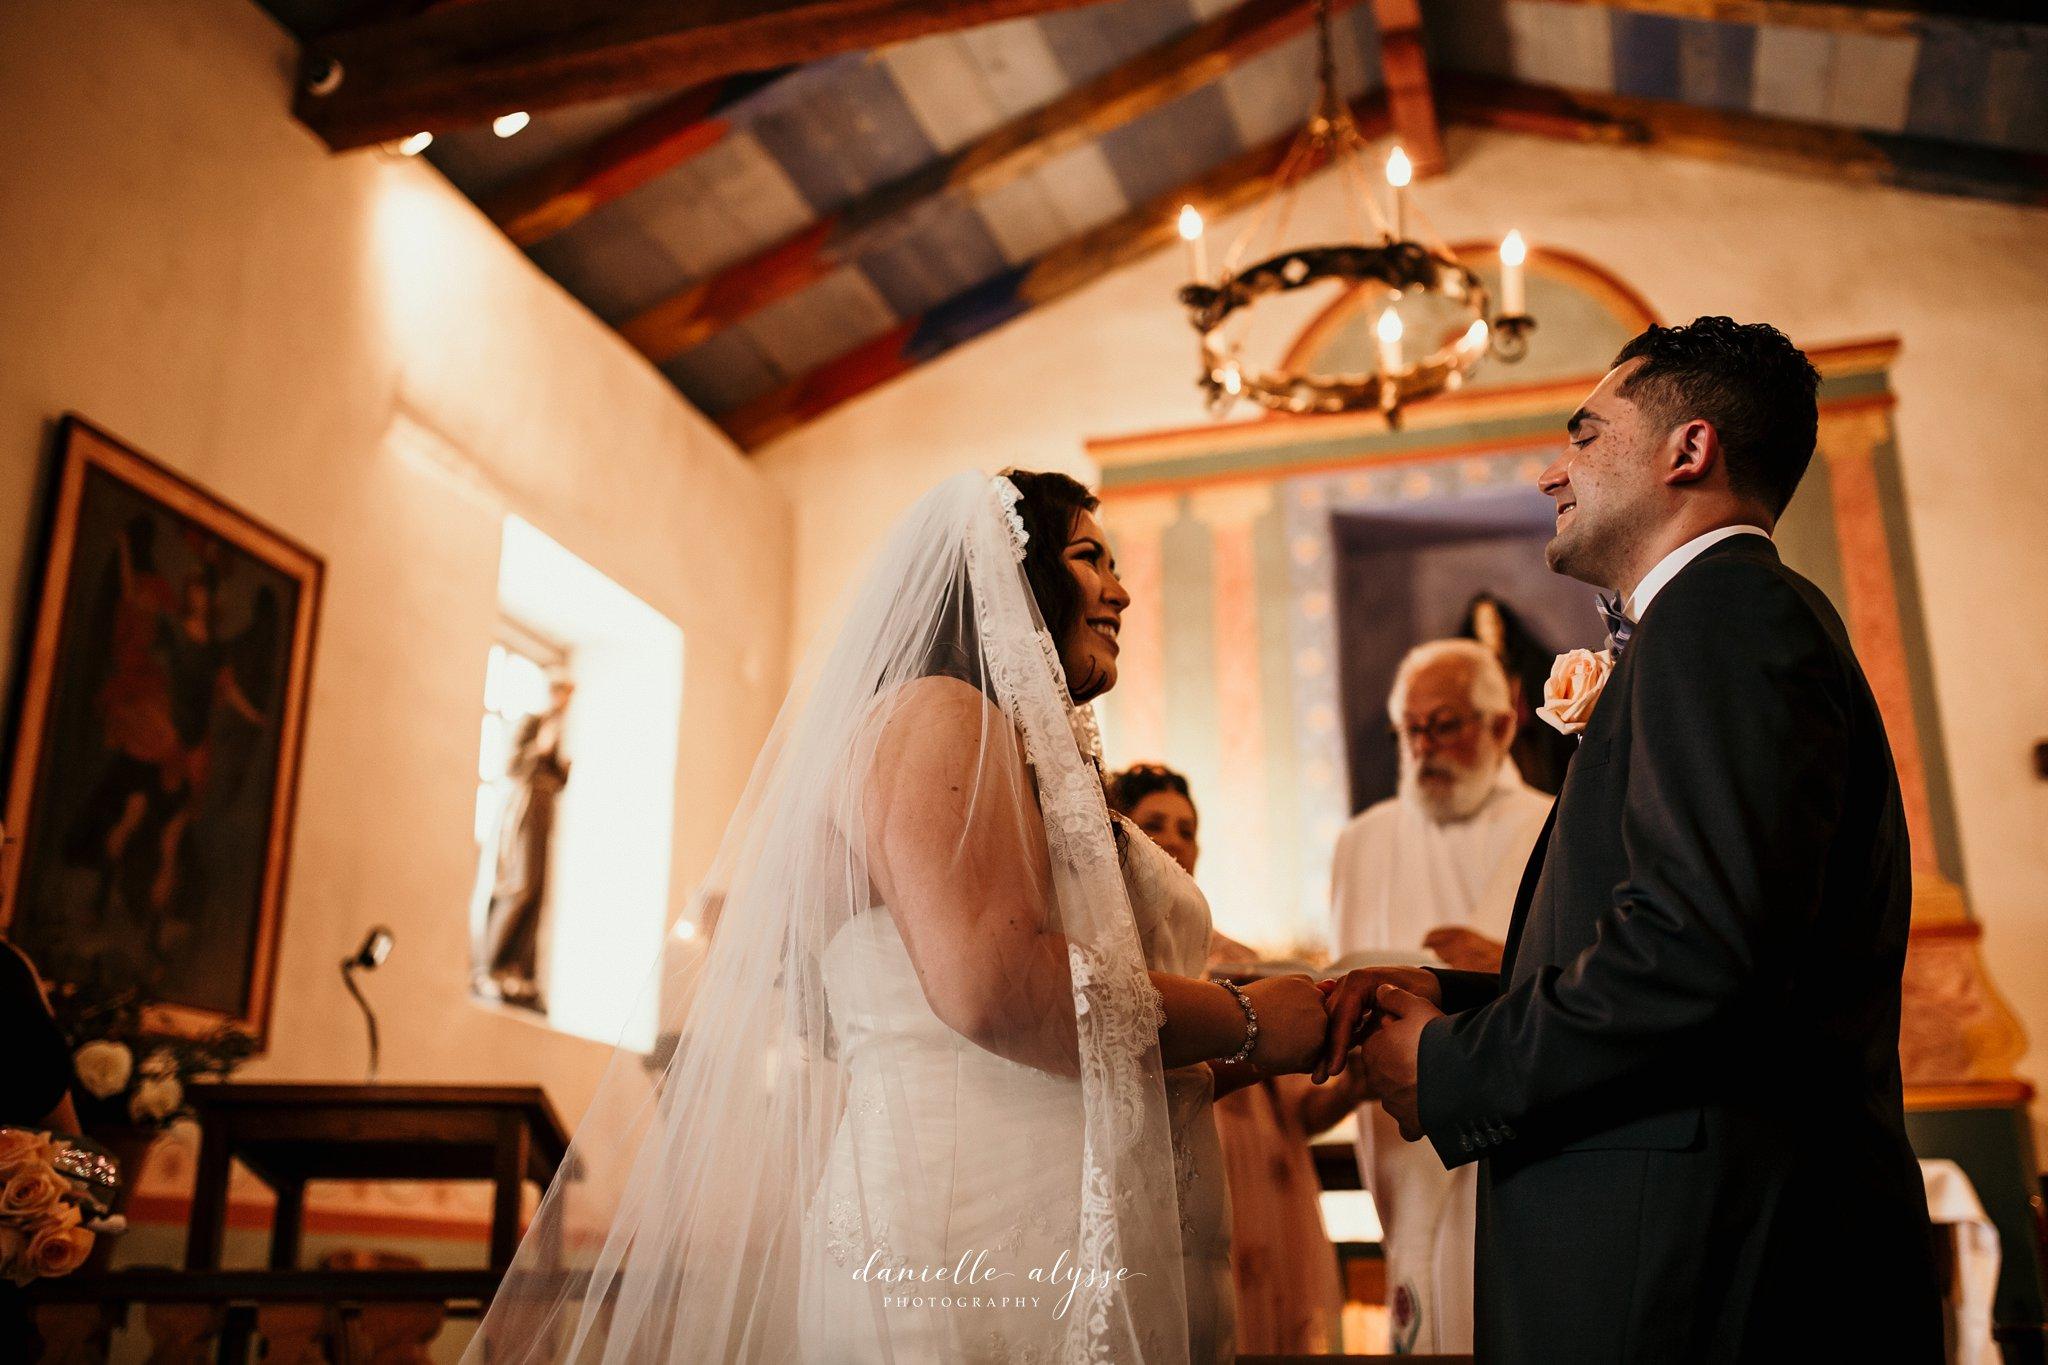 180630_wedding_lily_ryan_mission_soledad_california_danielle_alysse_photography_blog_454_WEB.jpg